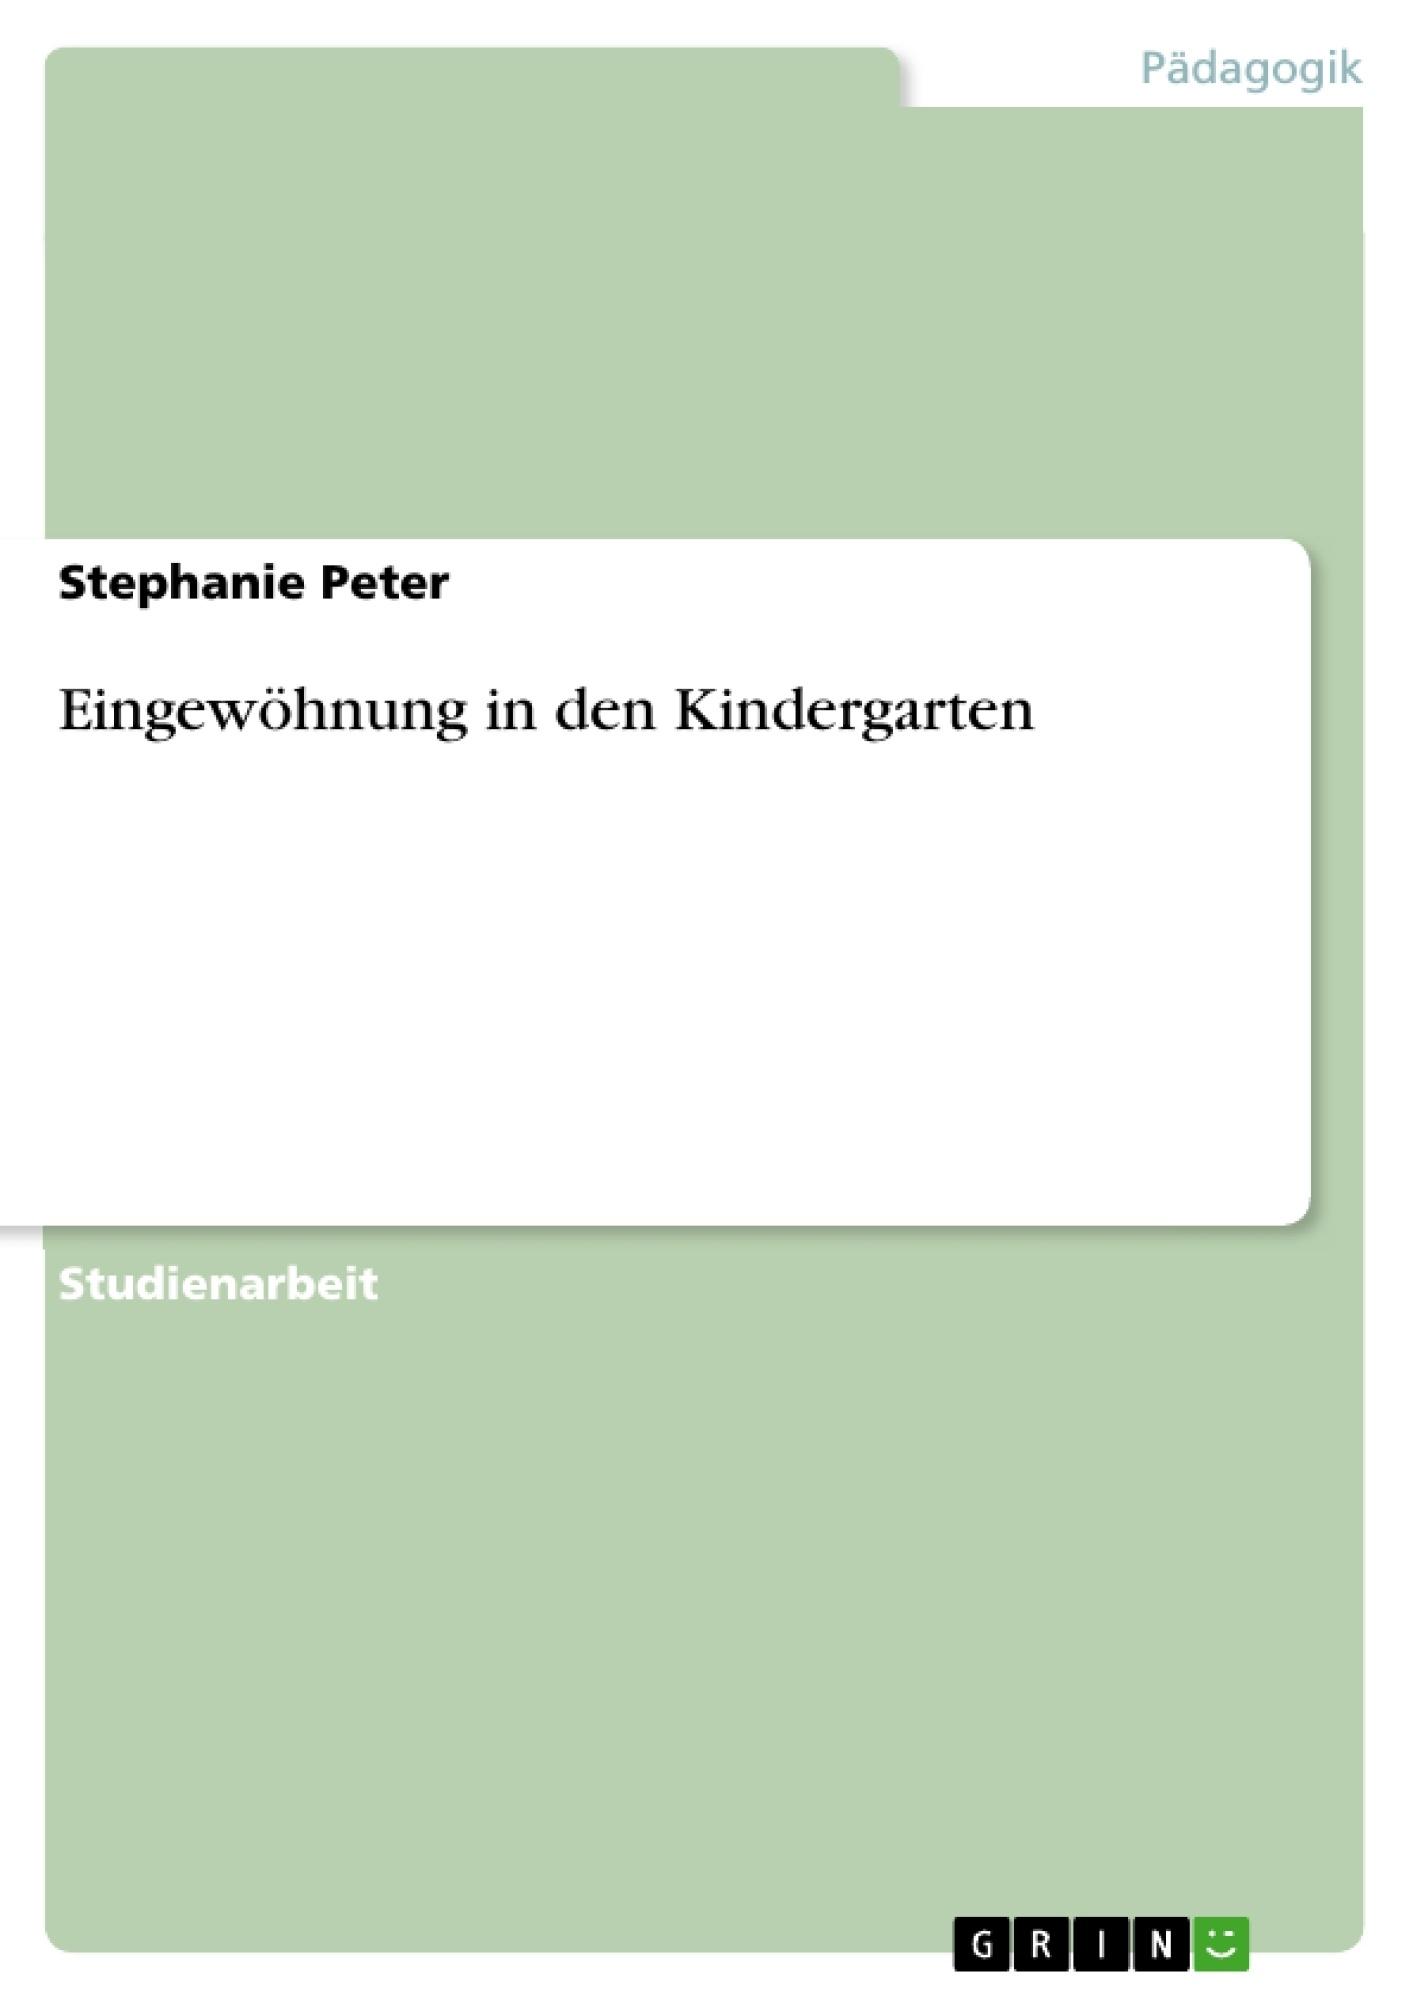 Titel: Eingewöhnung in den Kindergarten